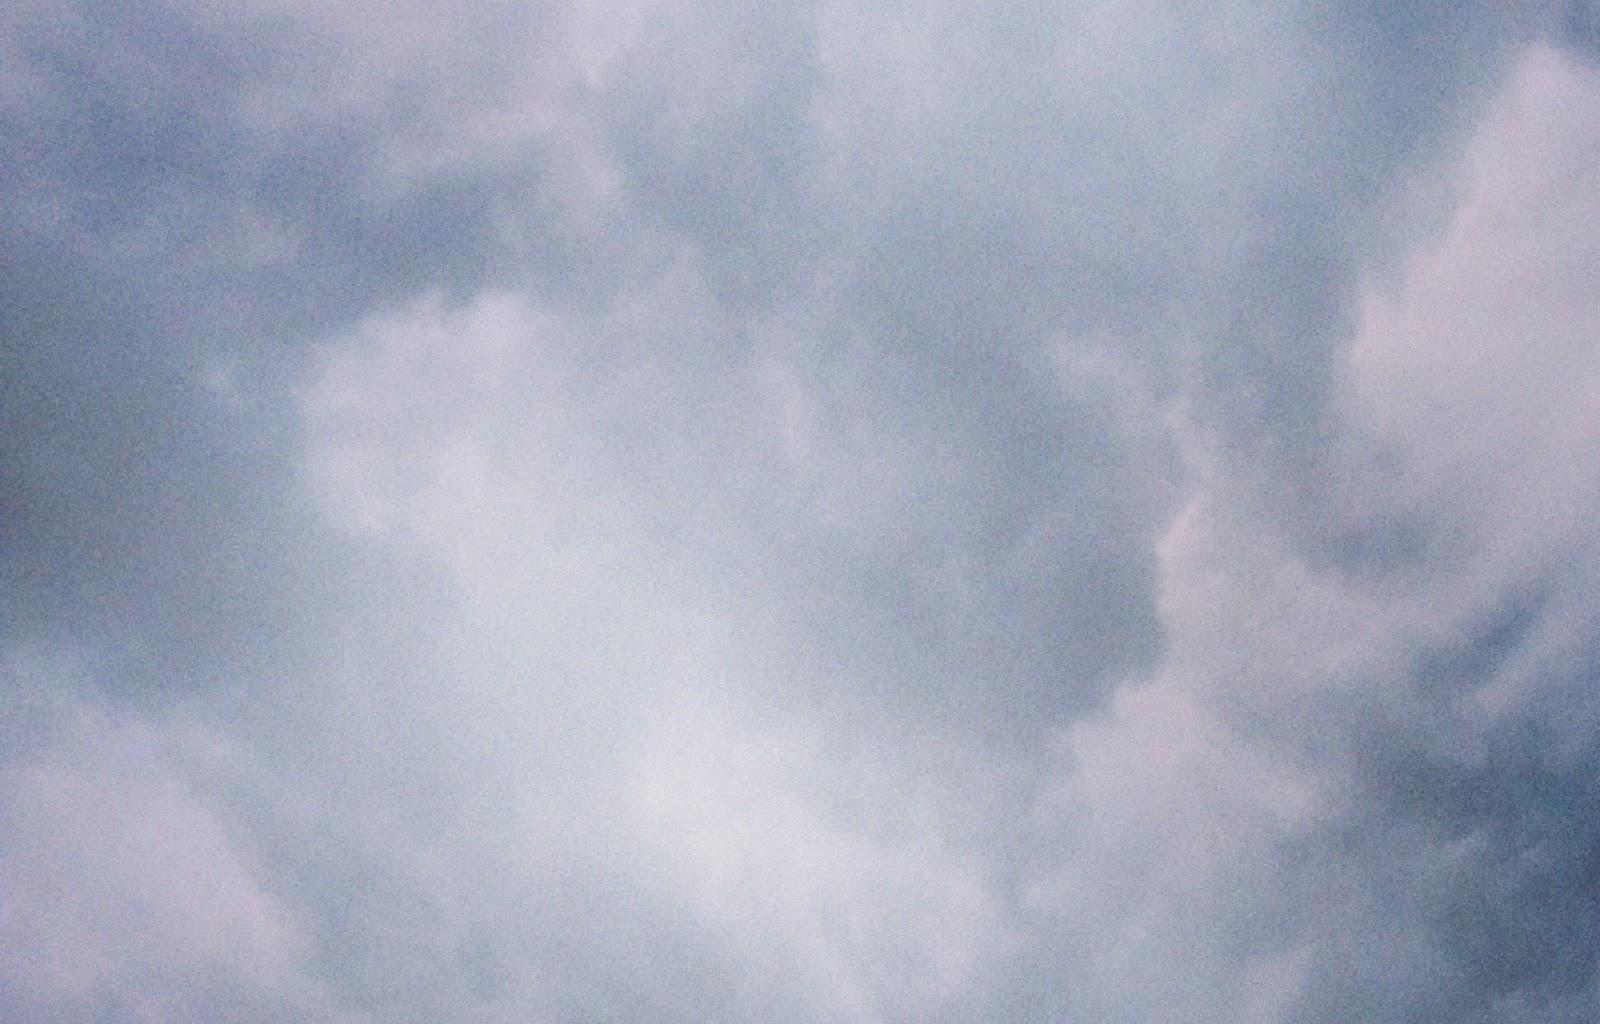 Moody looking sky